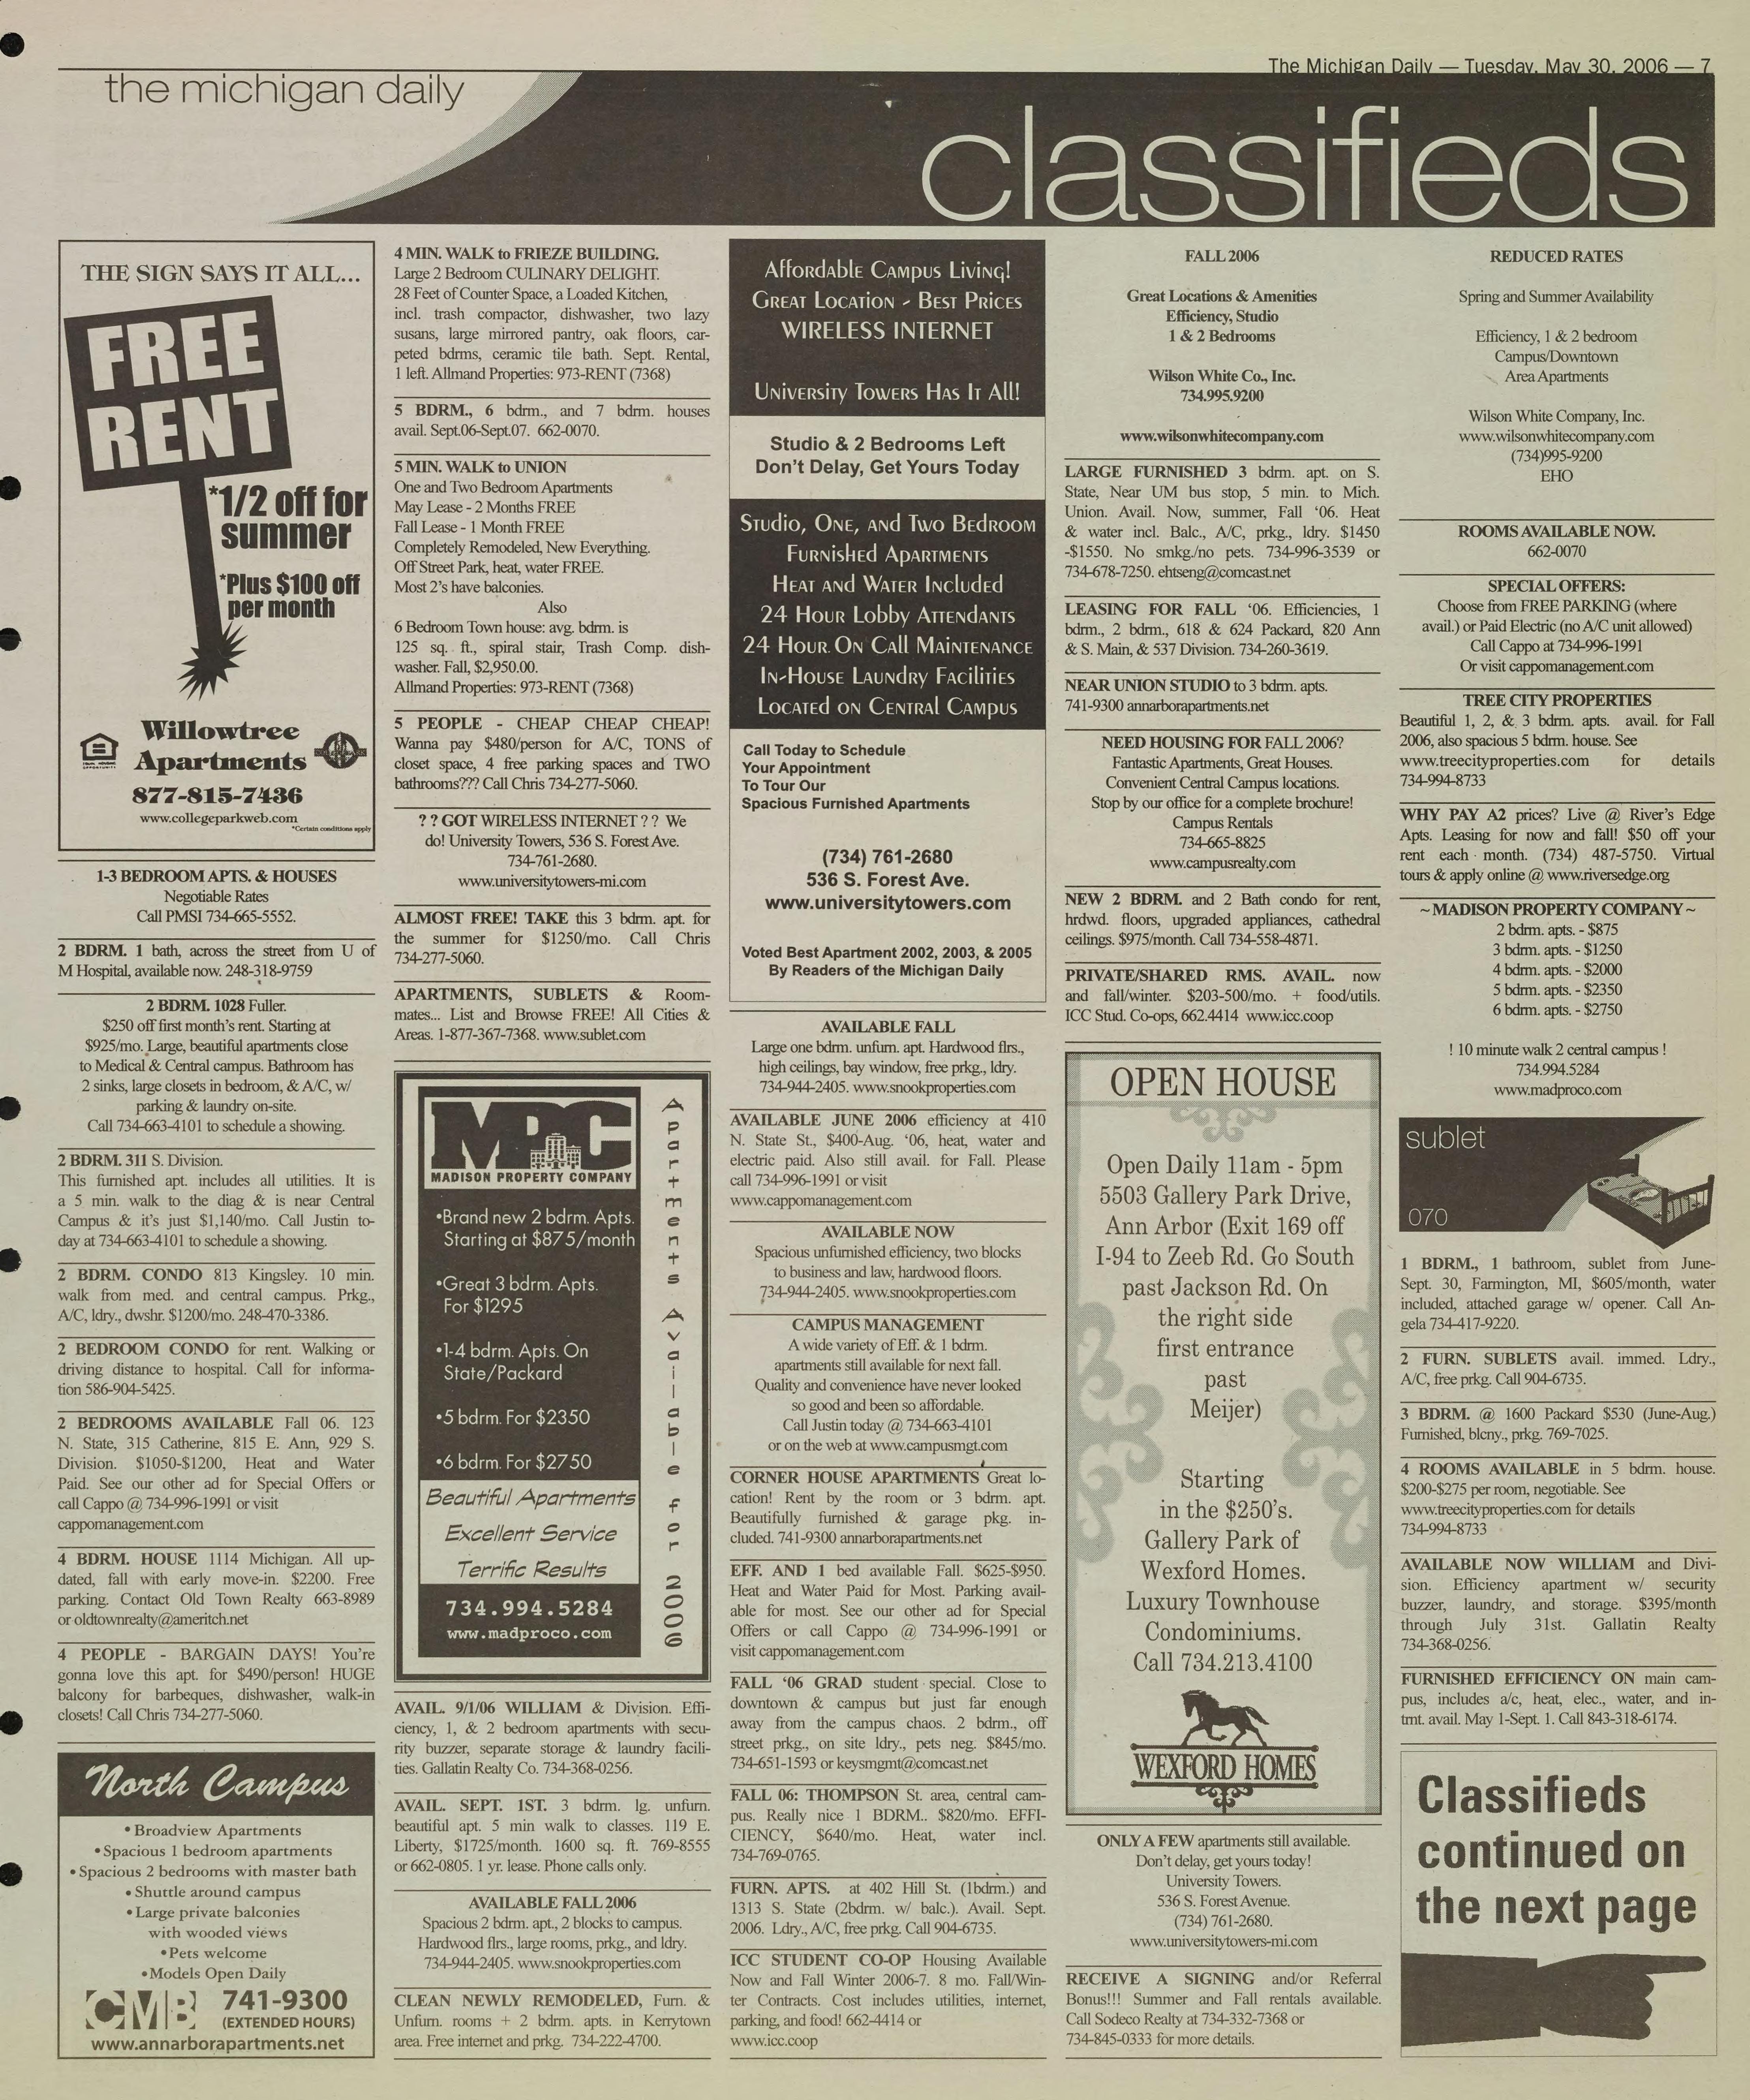 Michigan Daily Digital Archives - May 30, 2006 (vol  116